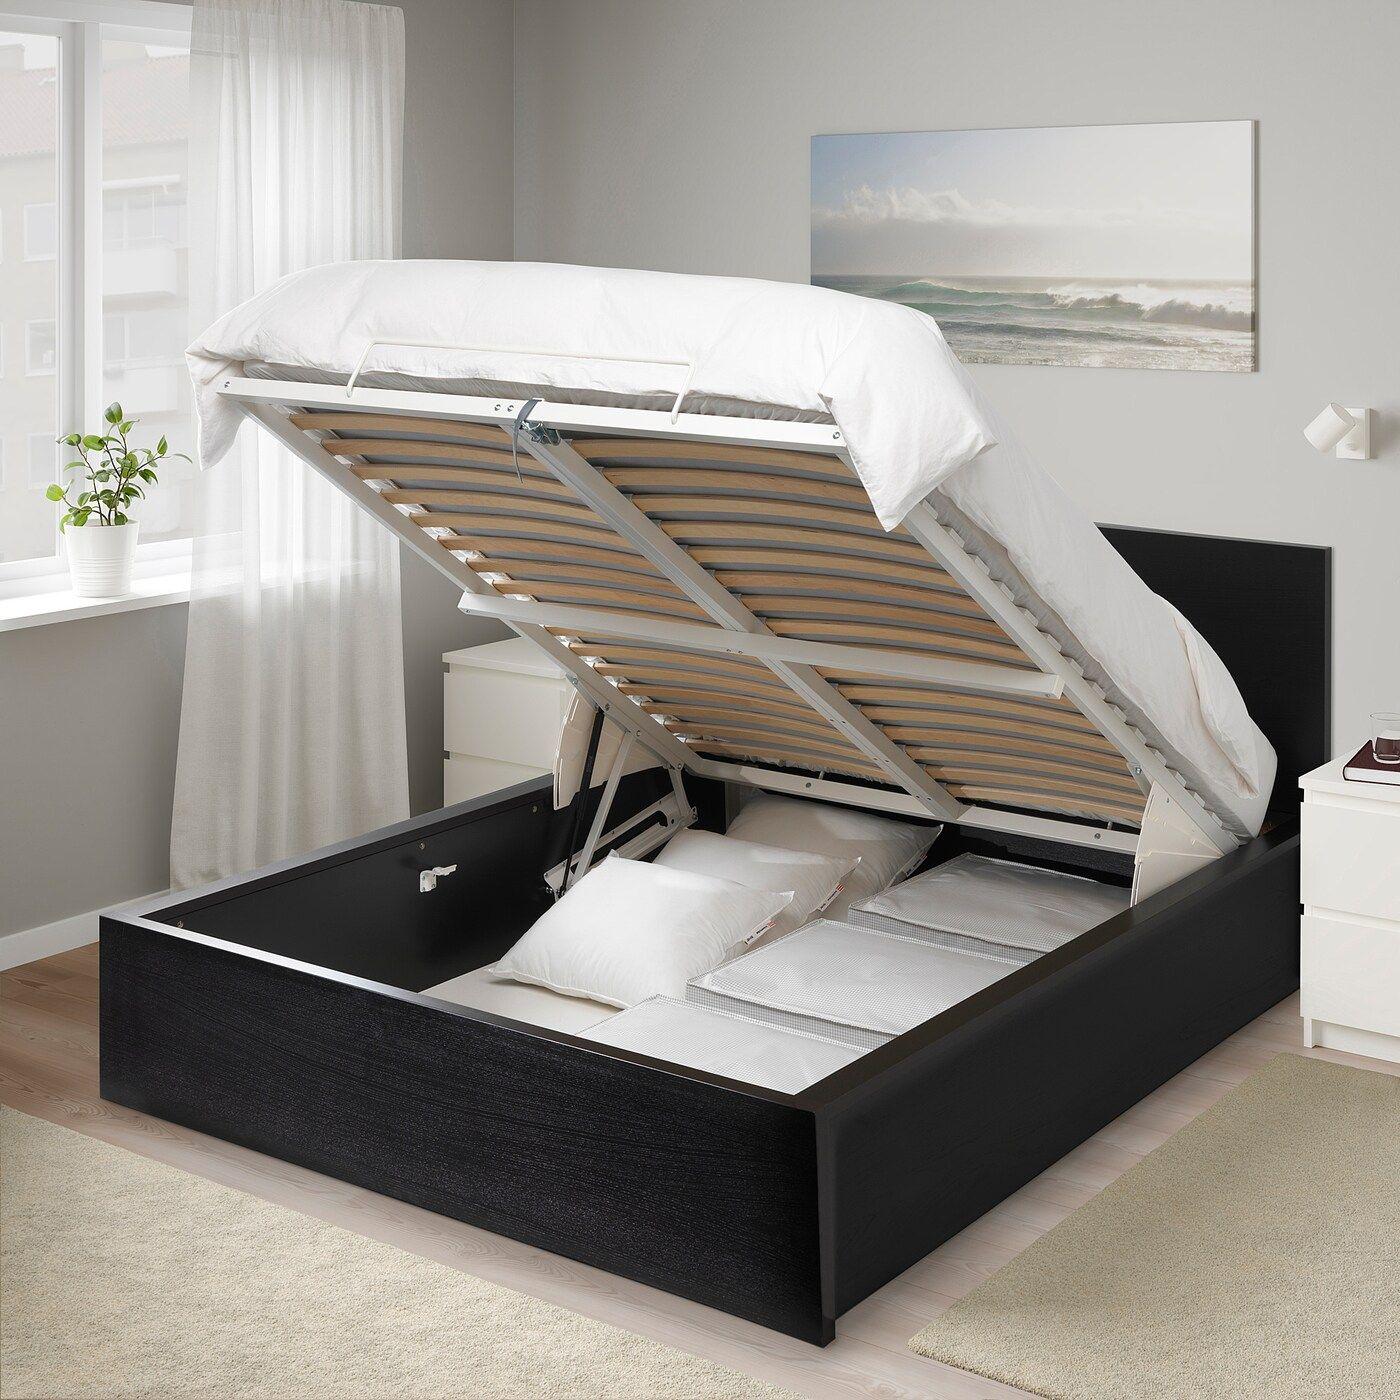 Malm Bettgestell Mit Aufbewahrung Schwarzbraun Ikea Osterreich In 2020 Bettwasche Schwarz Bett Lagerung Und Ideen Fur Kleine Schlafzimmer